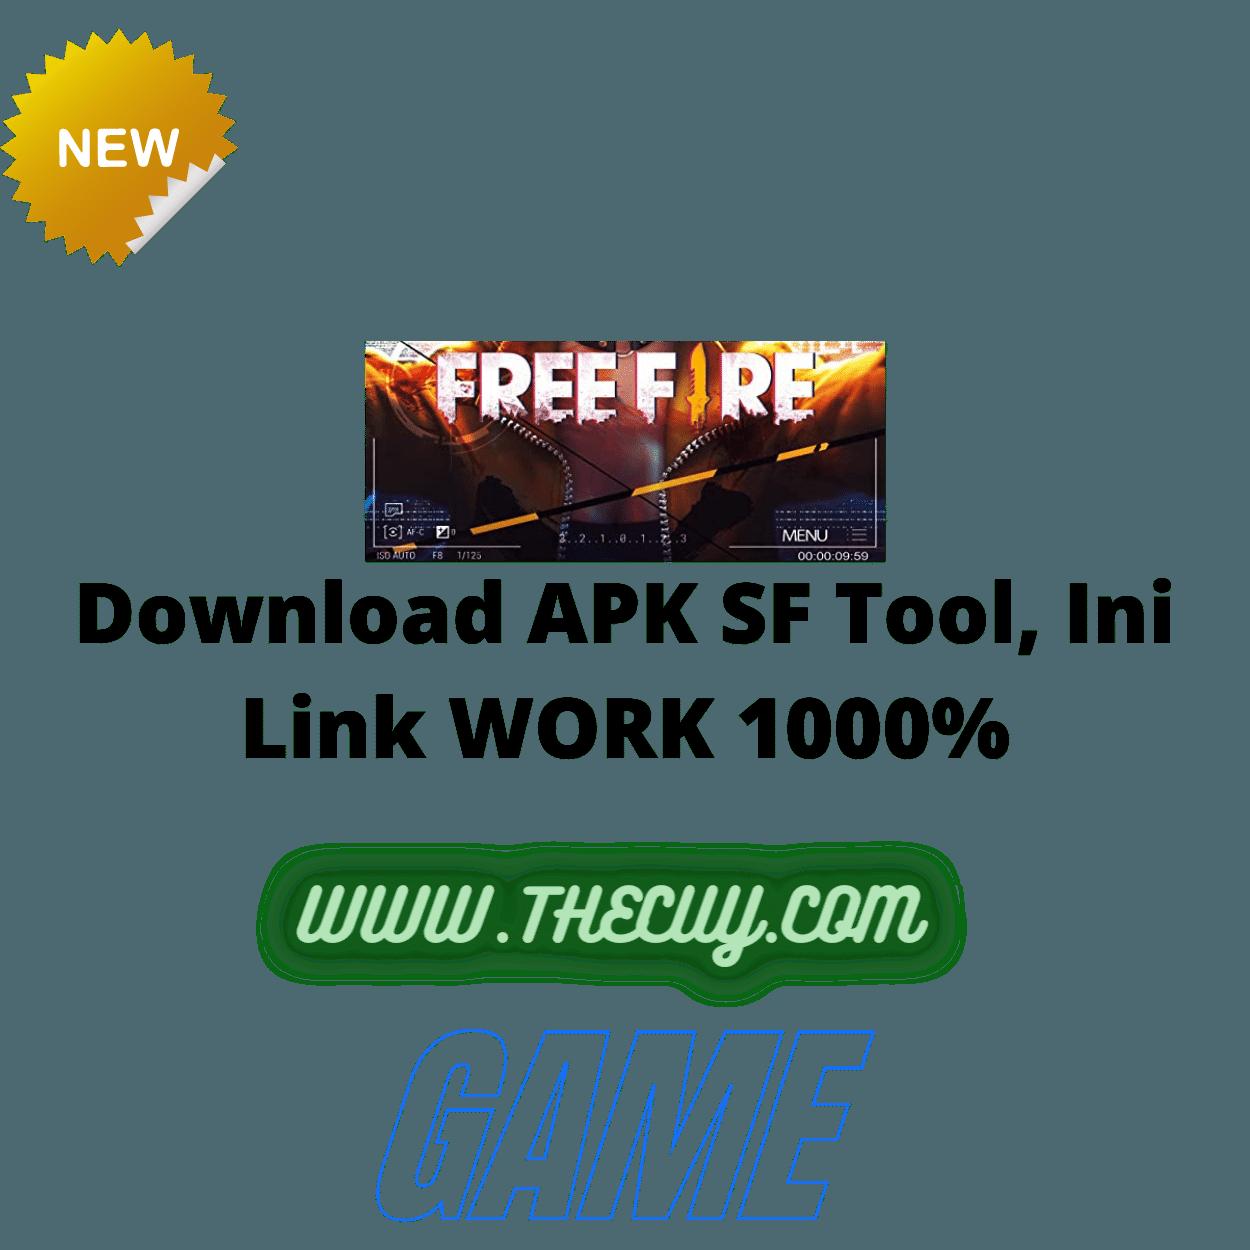 Download APK SF Tool, Ini Link WORK 1000%